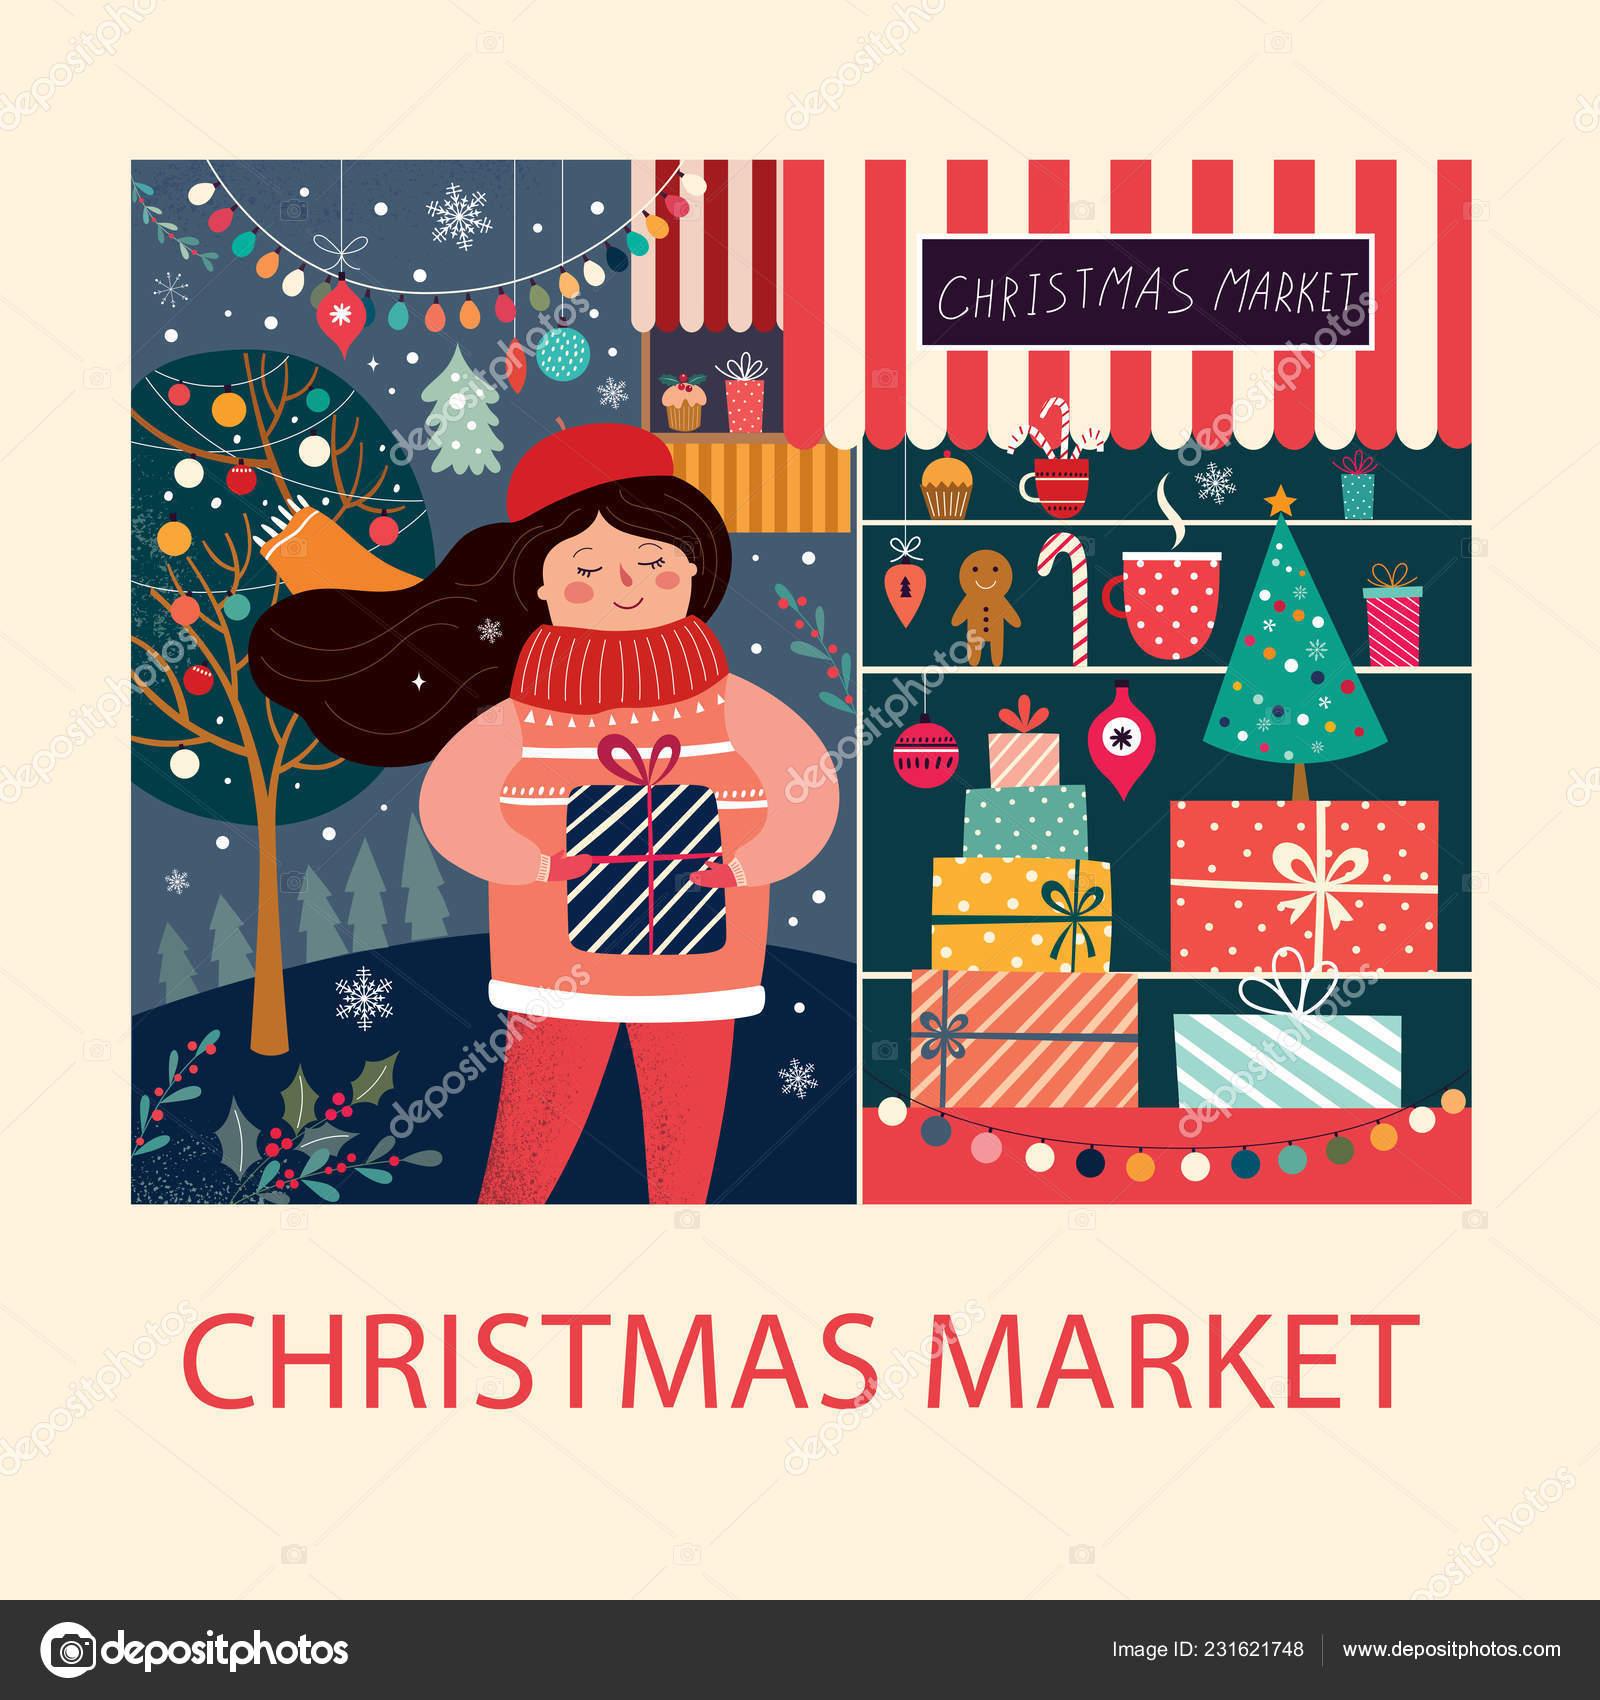 Regalo Natale Ragazza.Immagini Regalo Natale Illustrazione Vettore Con Ragazza